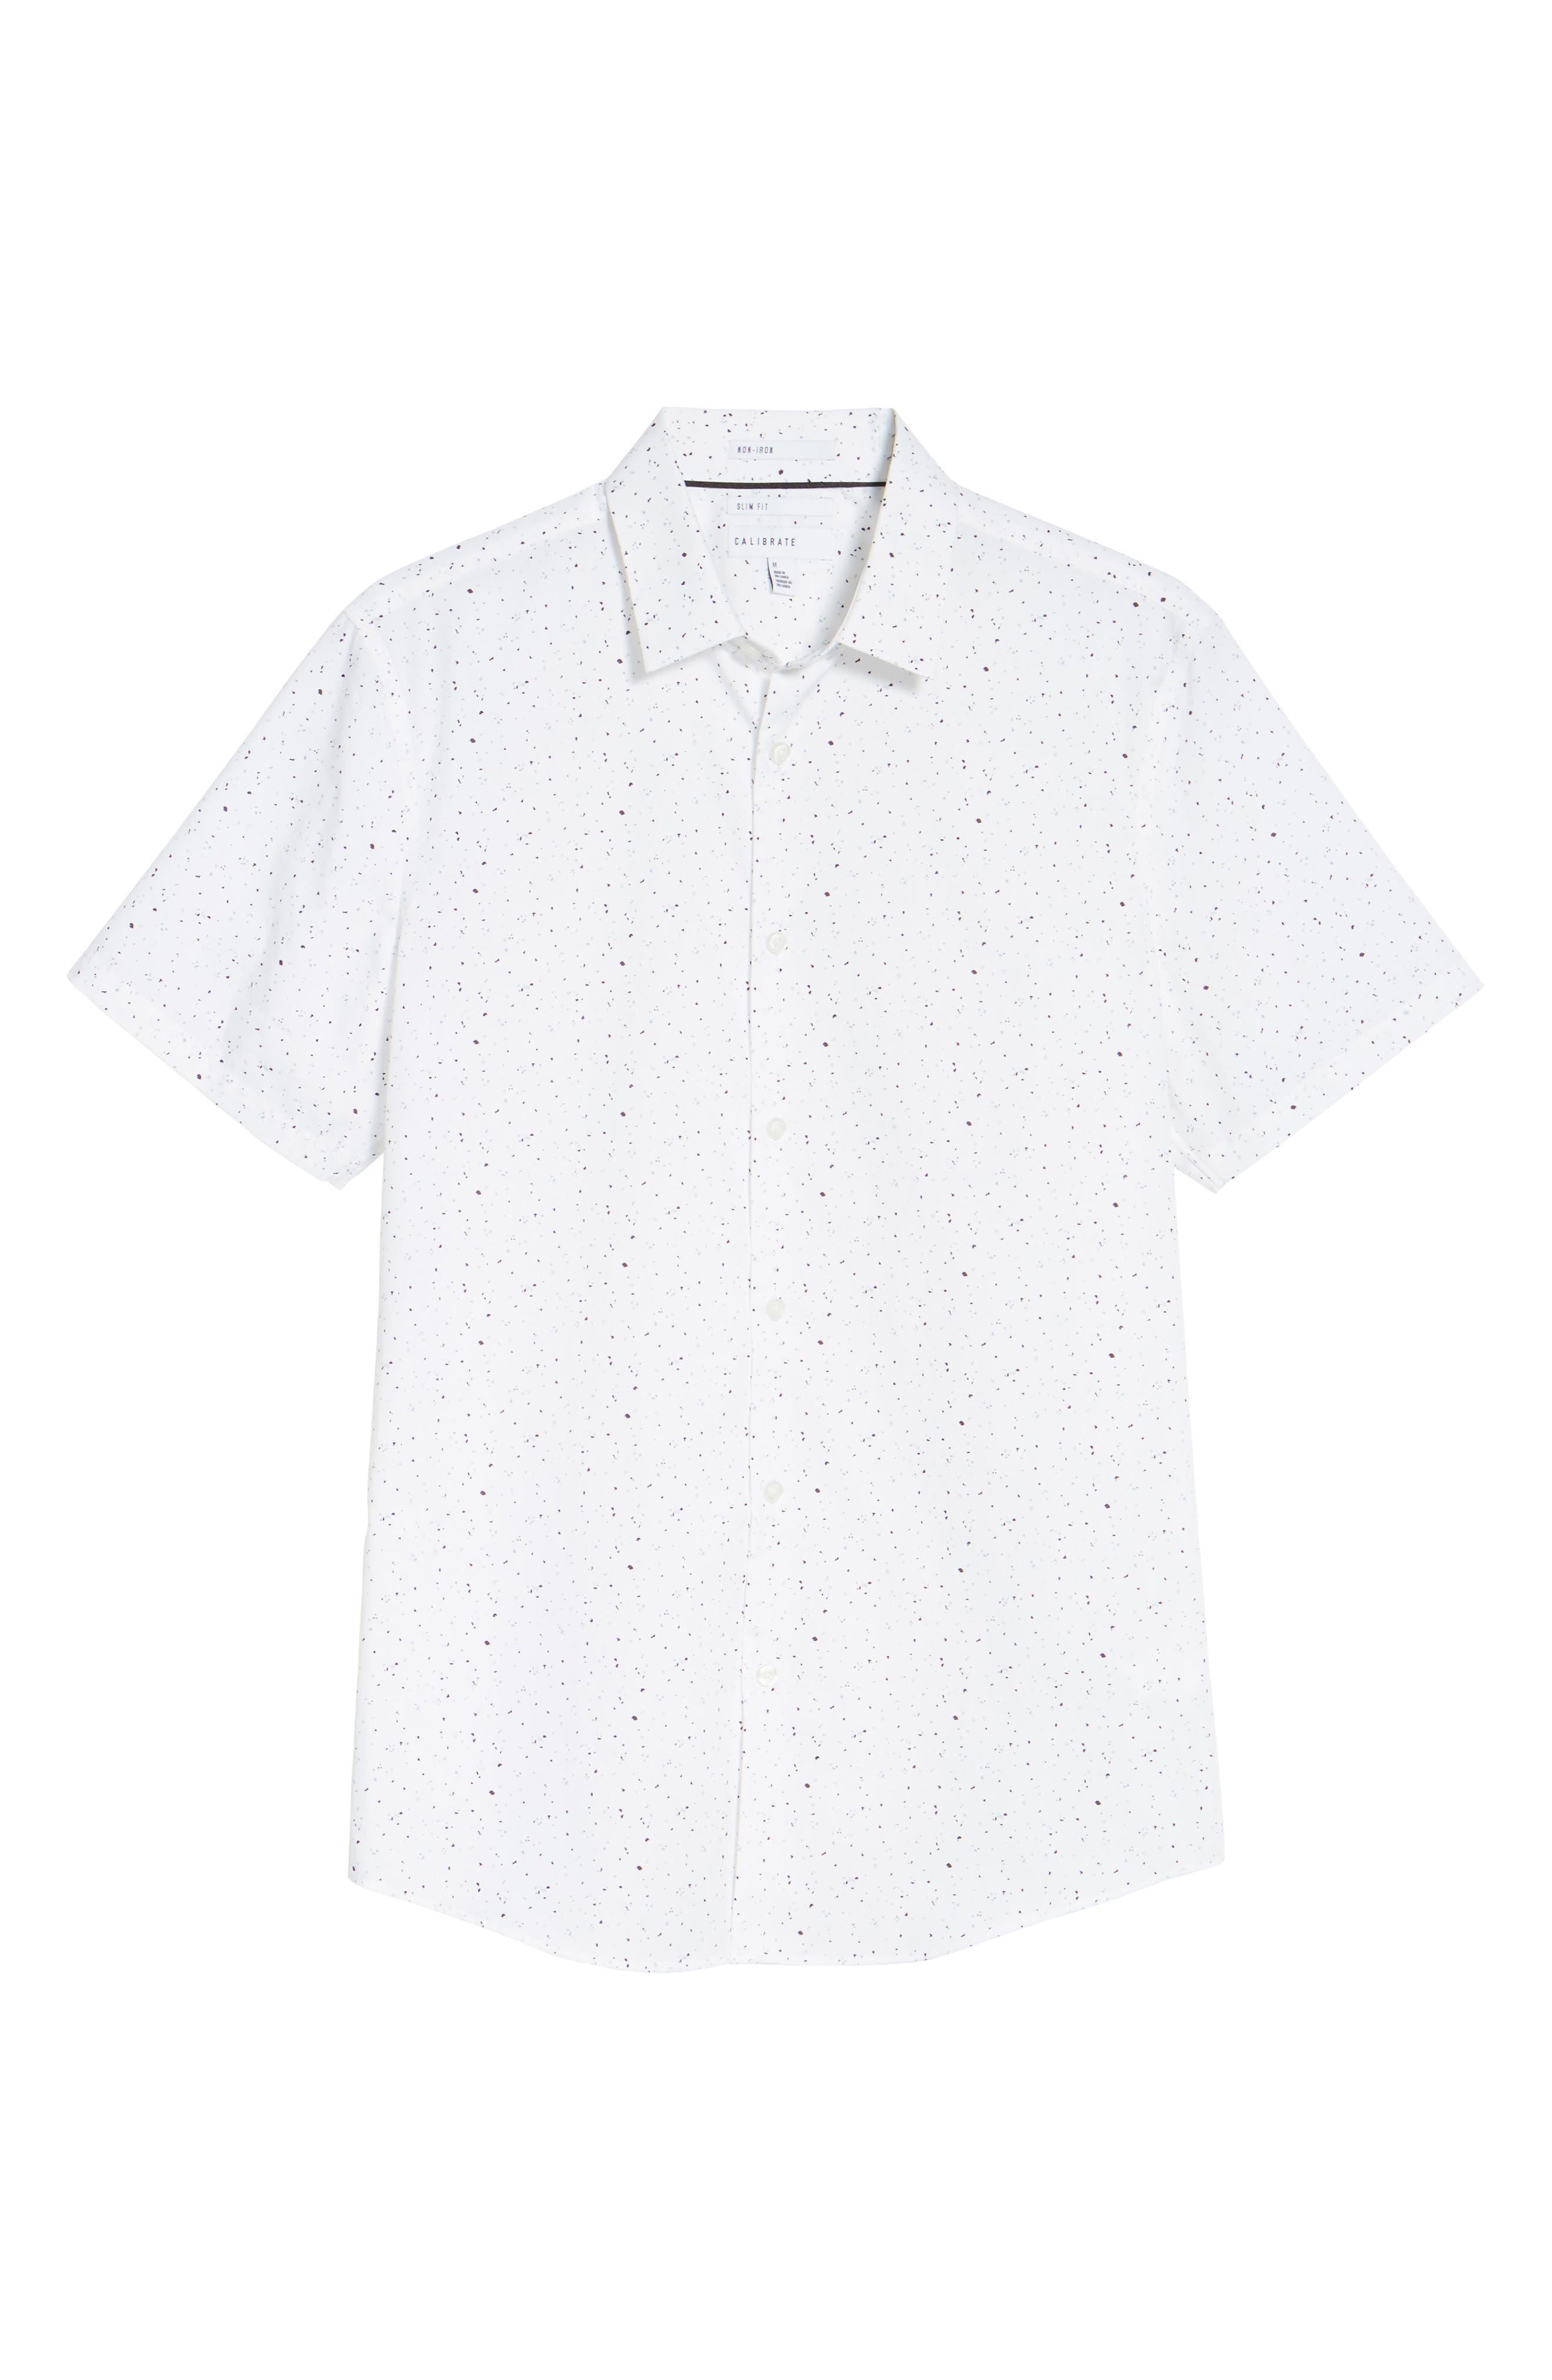 Speckle Print Sport Shirt,                             Alternate thumbnail 6, color,                             White Plum Splatter Print